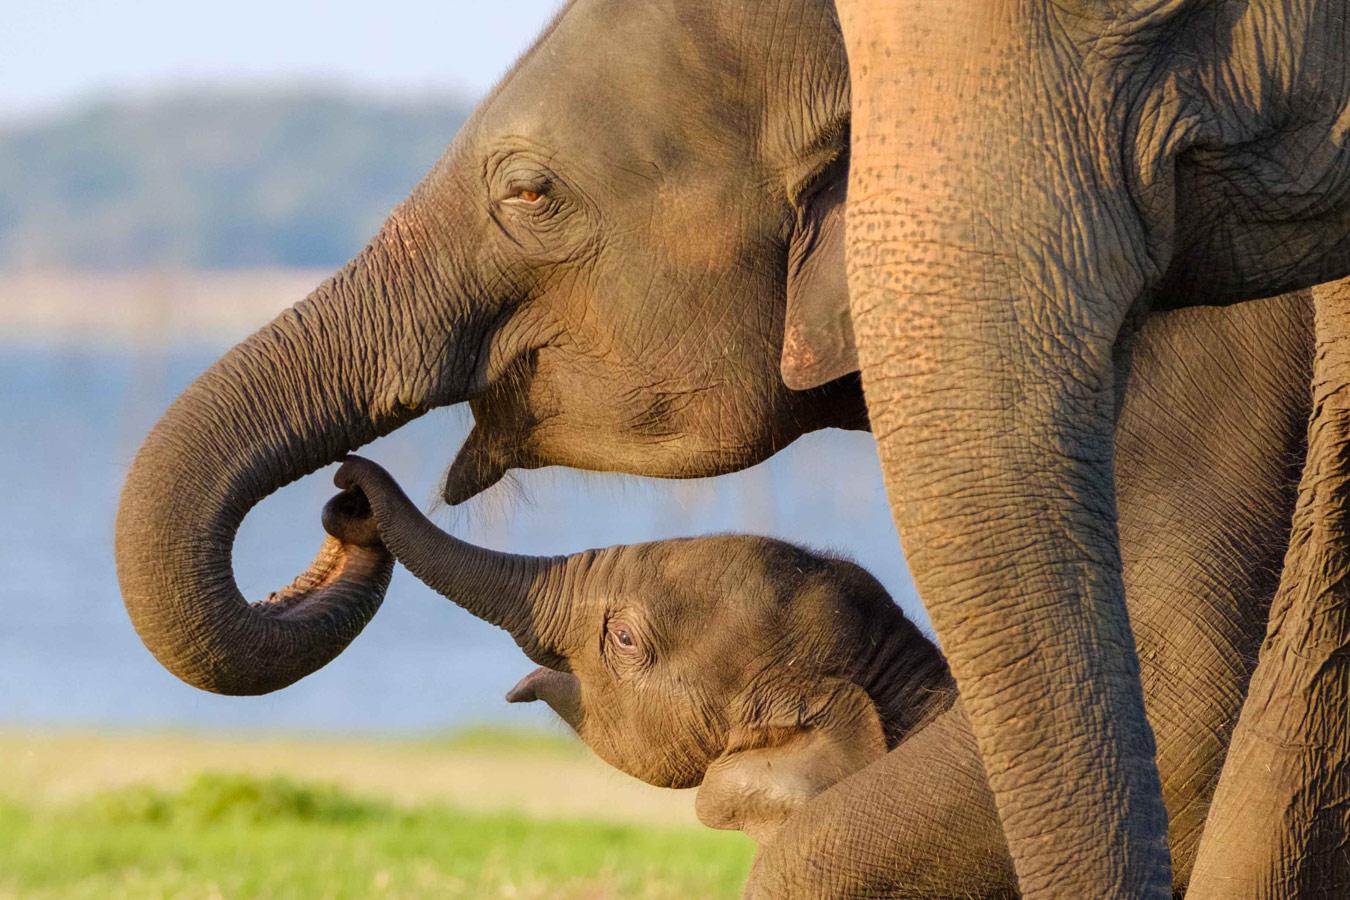 Parental Love, Sri Lanka, © By Shin Okamoto, Tokyo, Japan, Lumix Award, Nature's Best Photography Asia